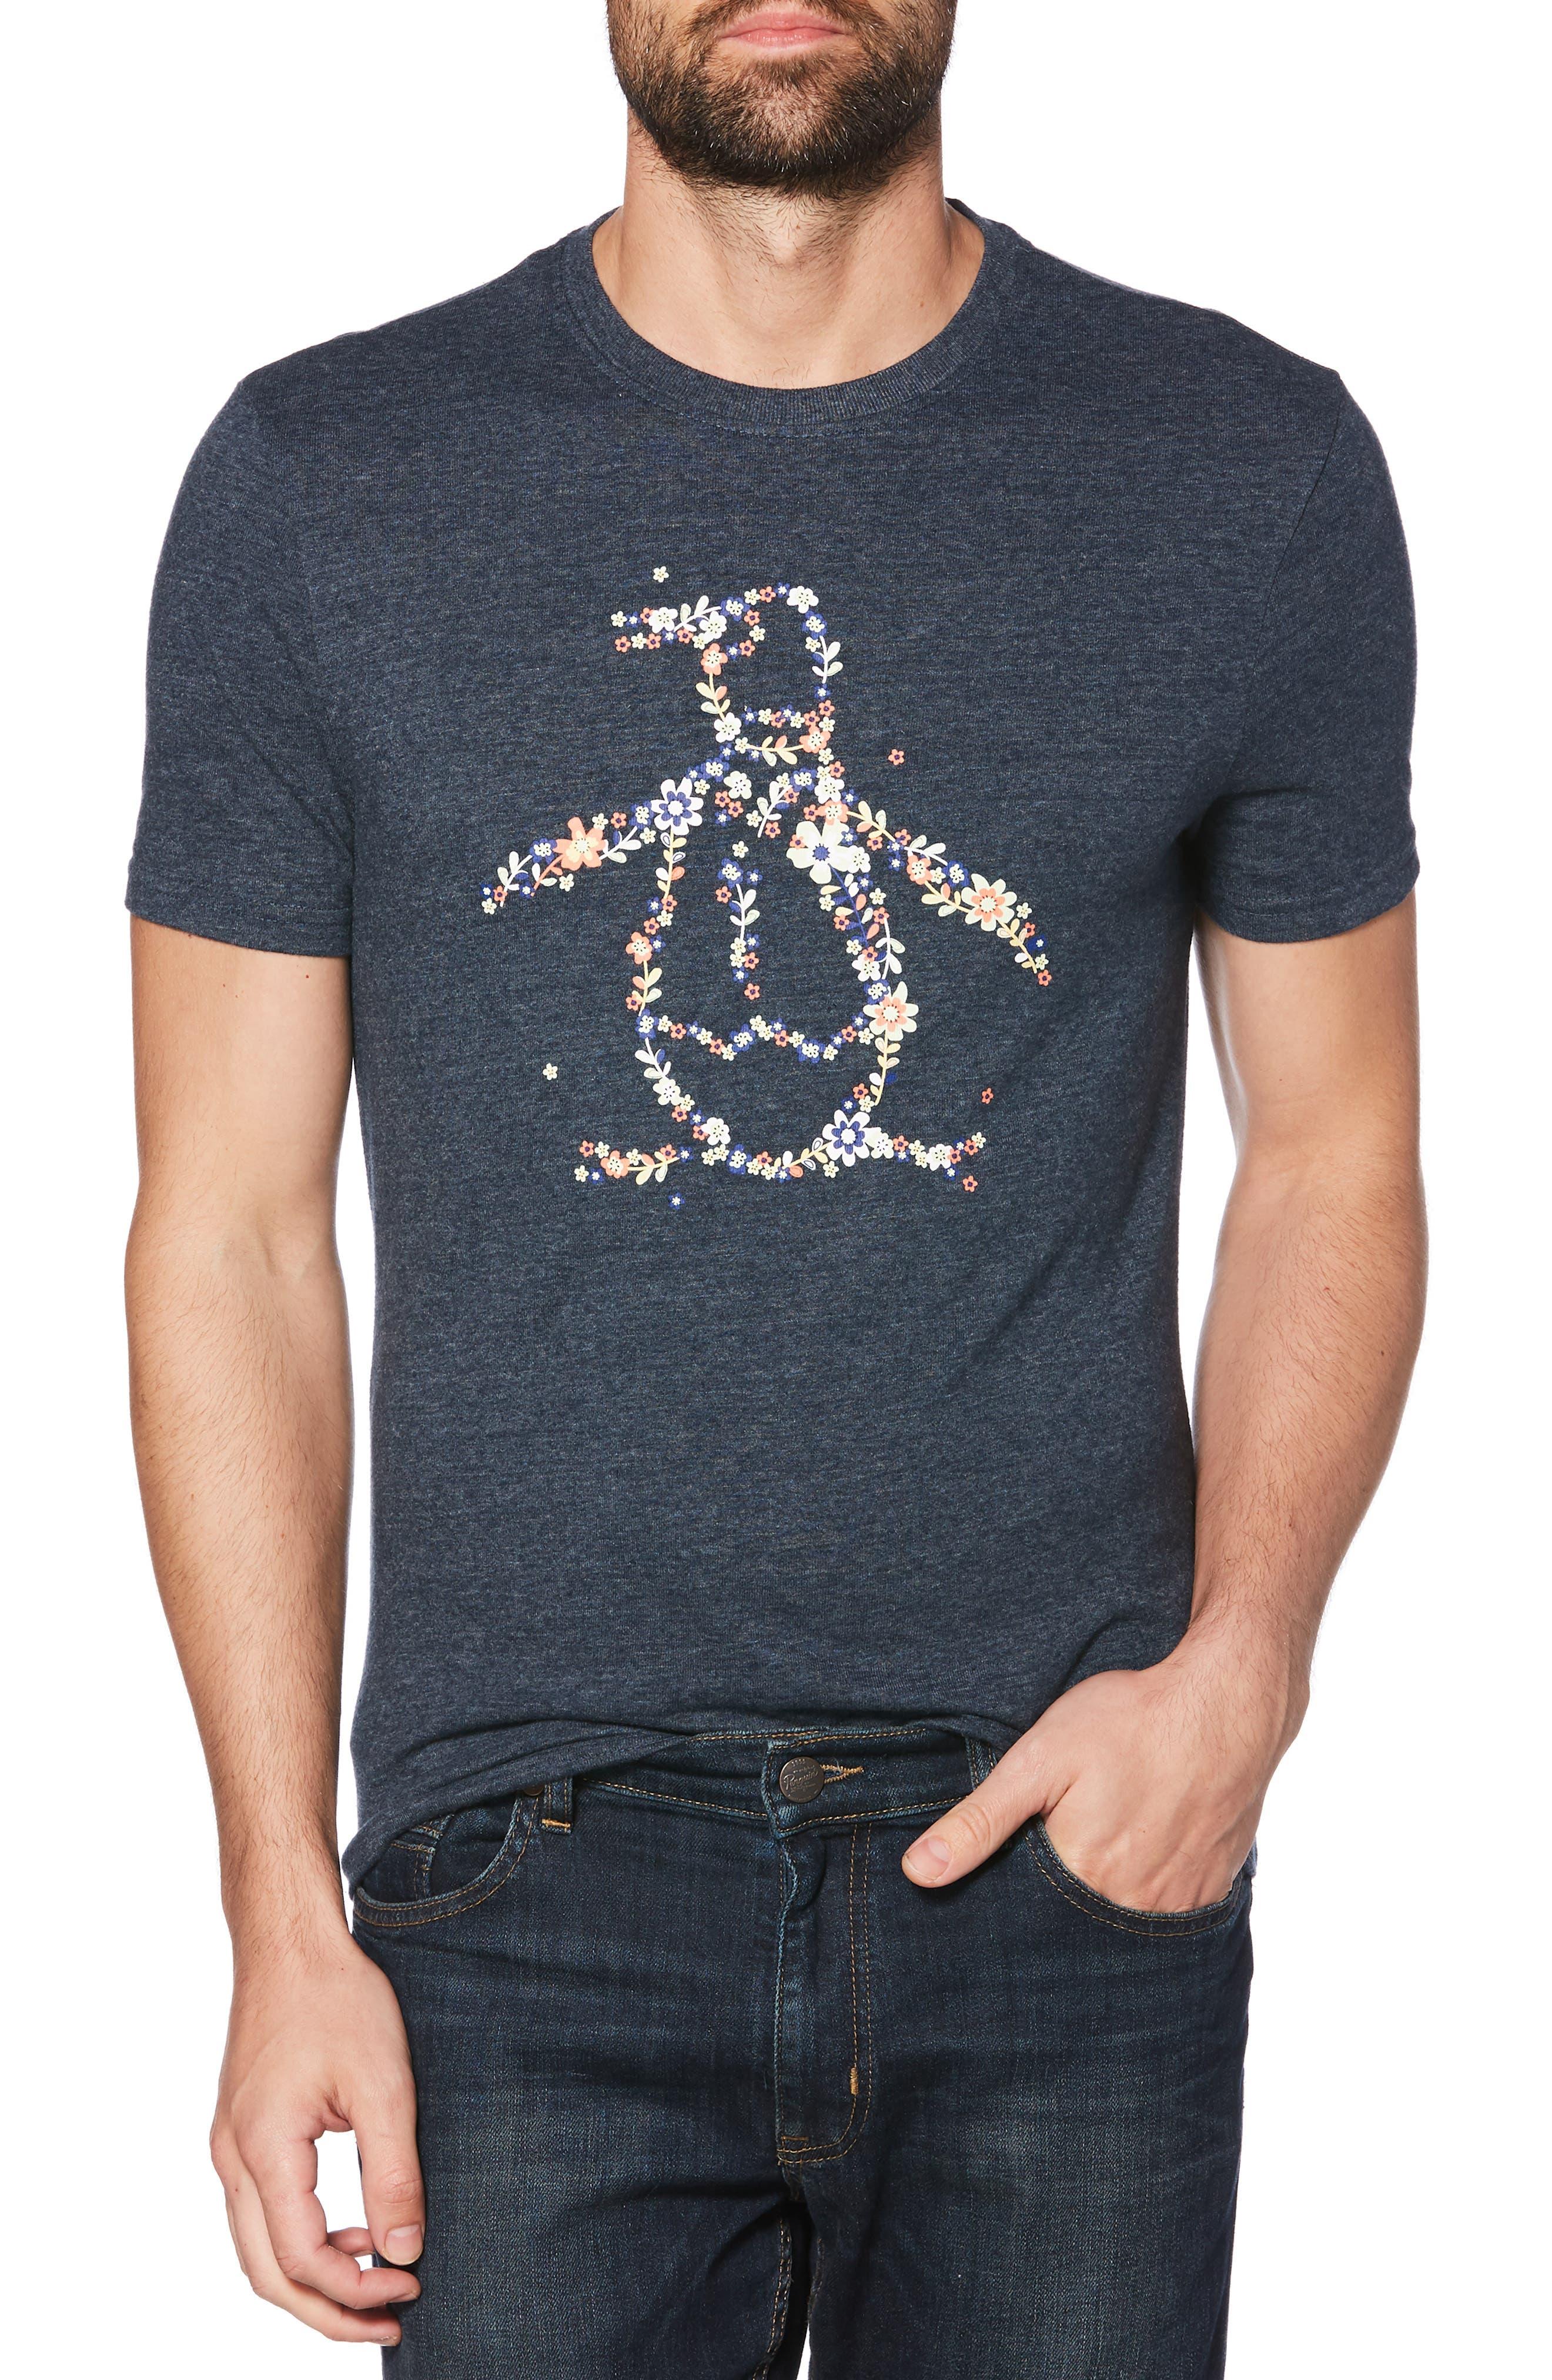 ORIGINAL PENGUIN, Floral Fields Pete T-Shirt, Main thumbnail 1, color, 413